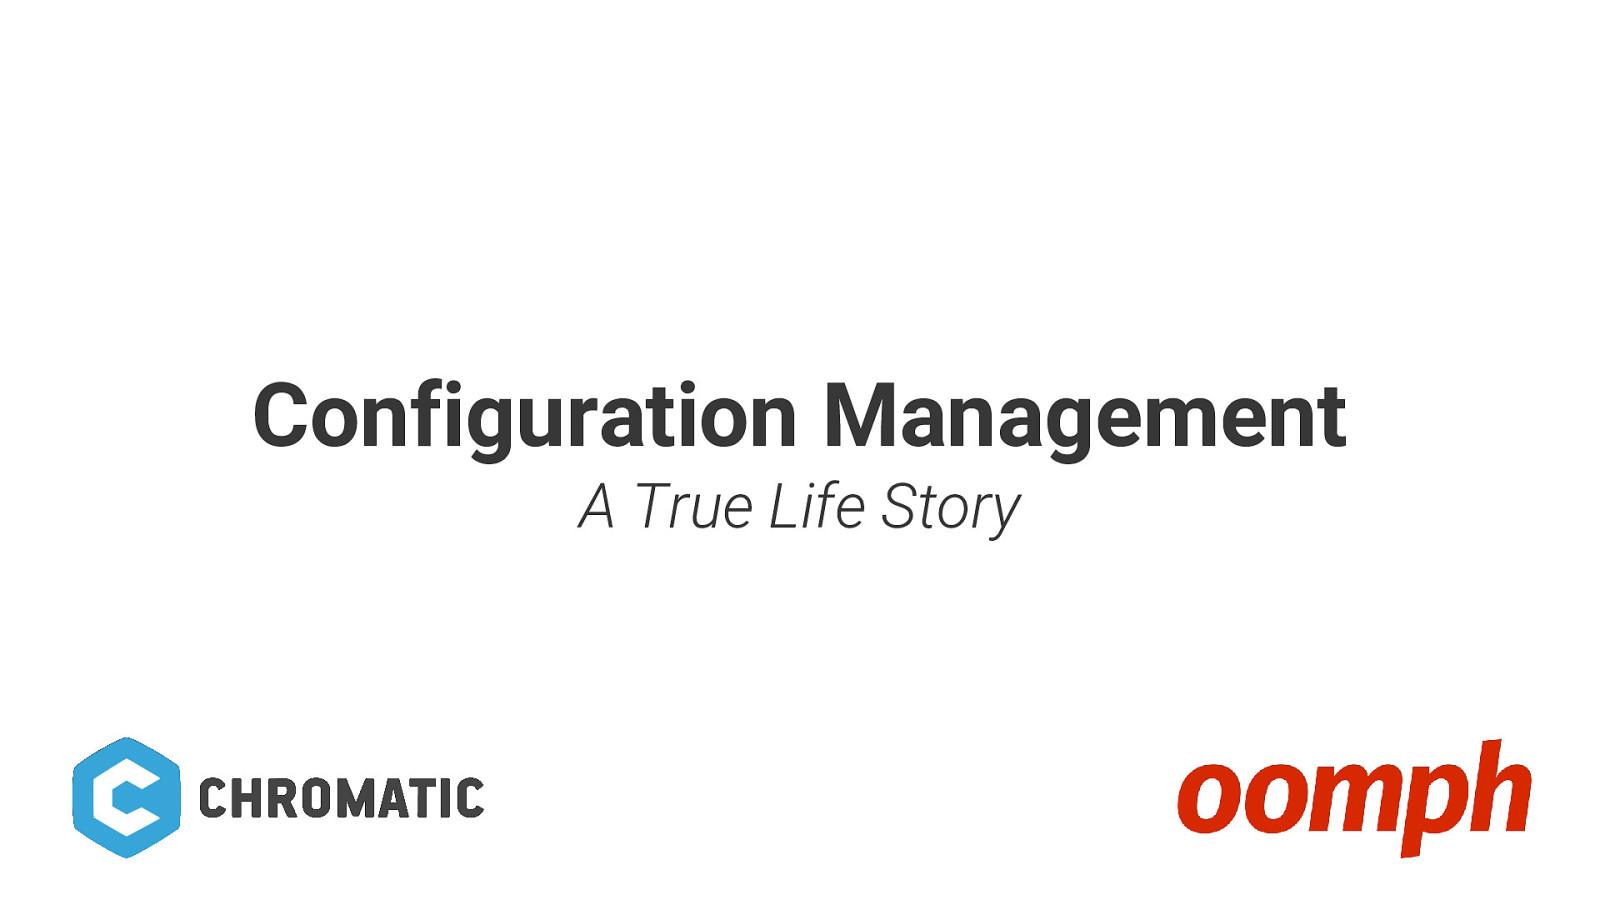 Configuration Management: True Life Stories